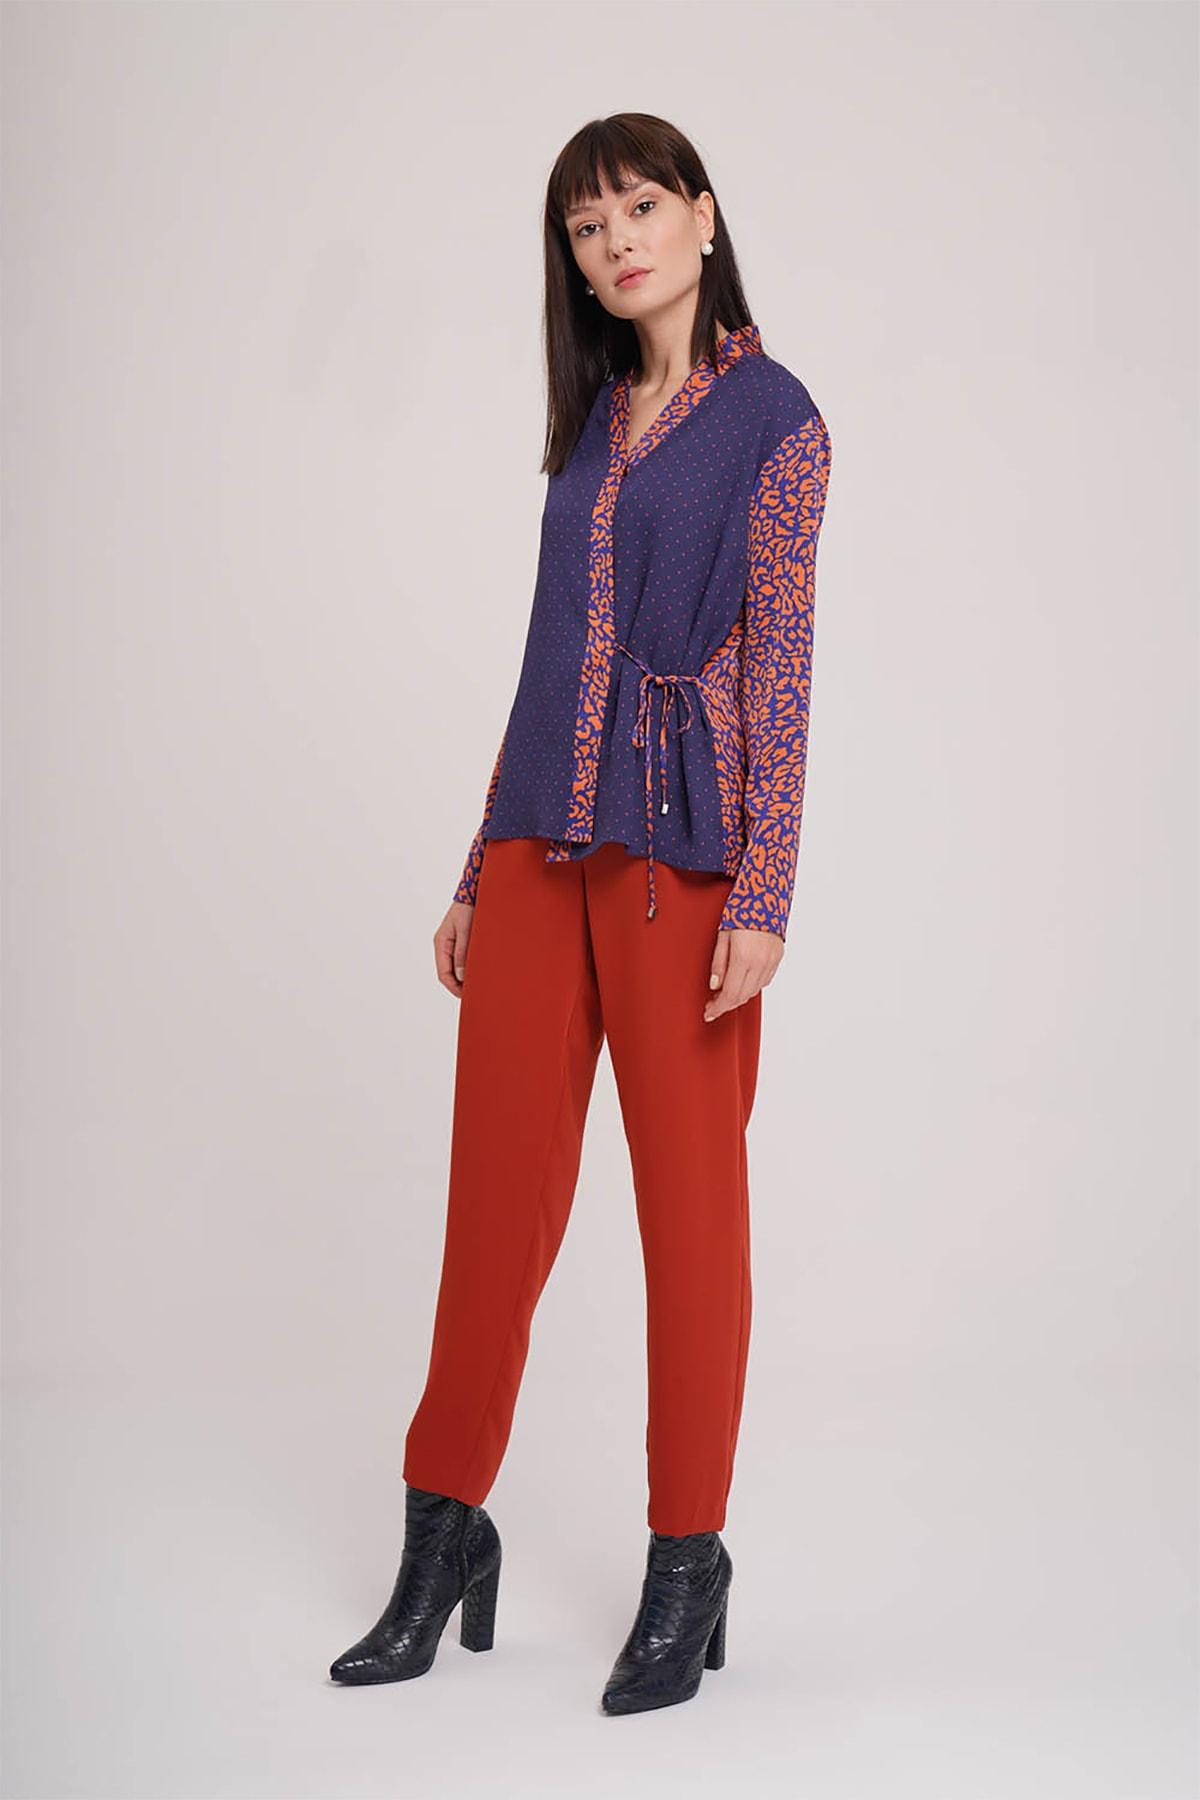 Mizalle Kadın Lacivert Yandan Bağlı Desenli Bluz  19KGMZL1012020